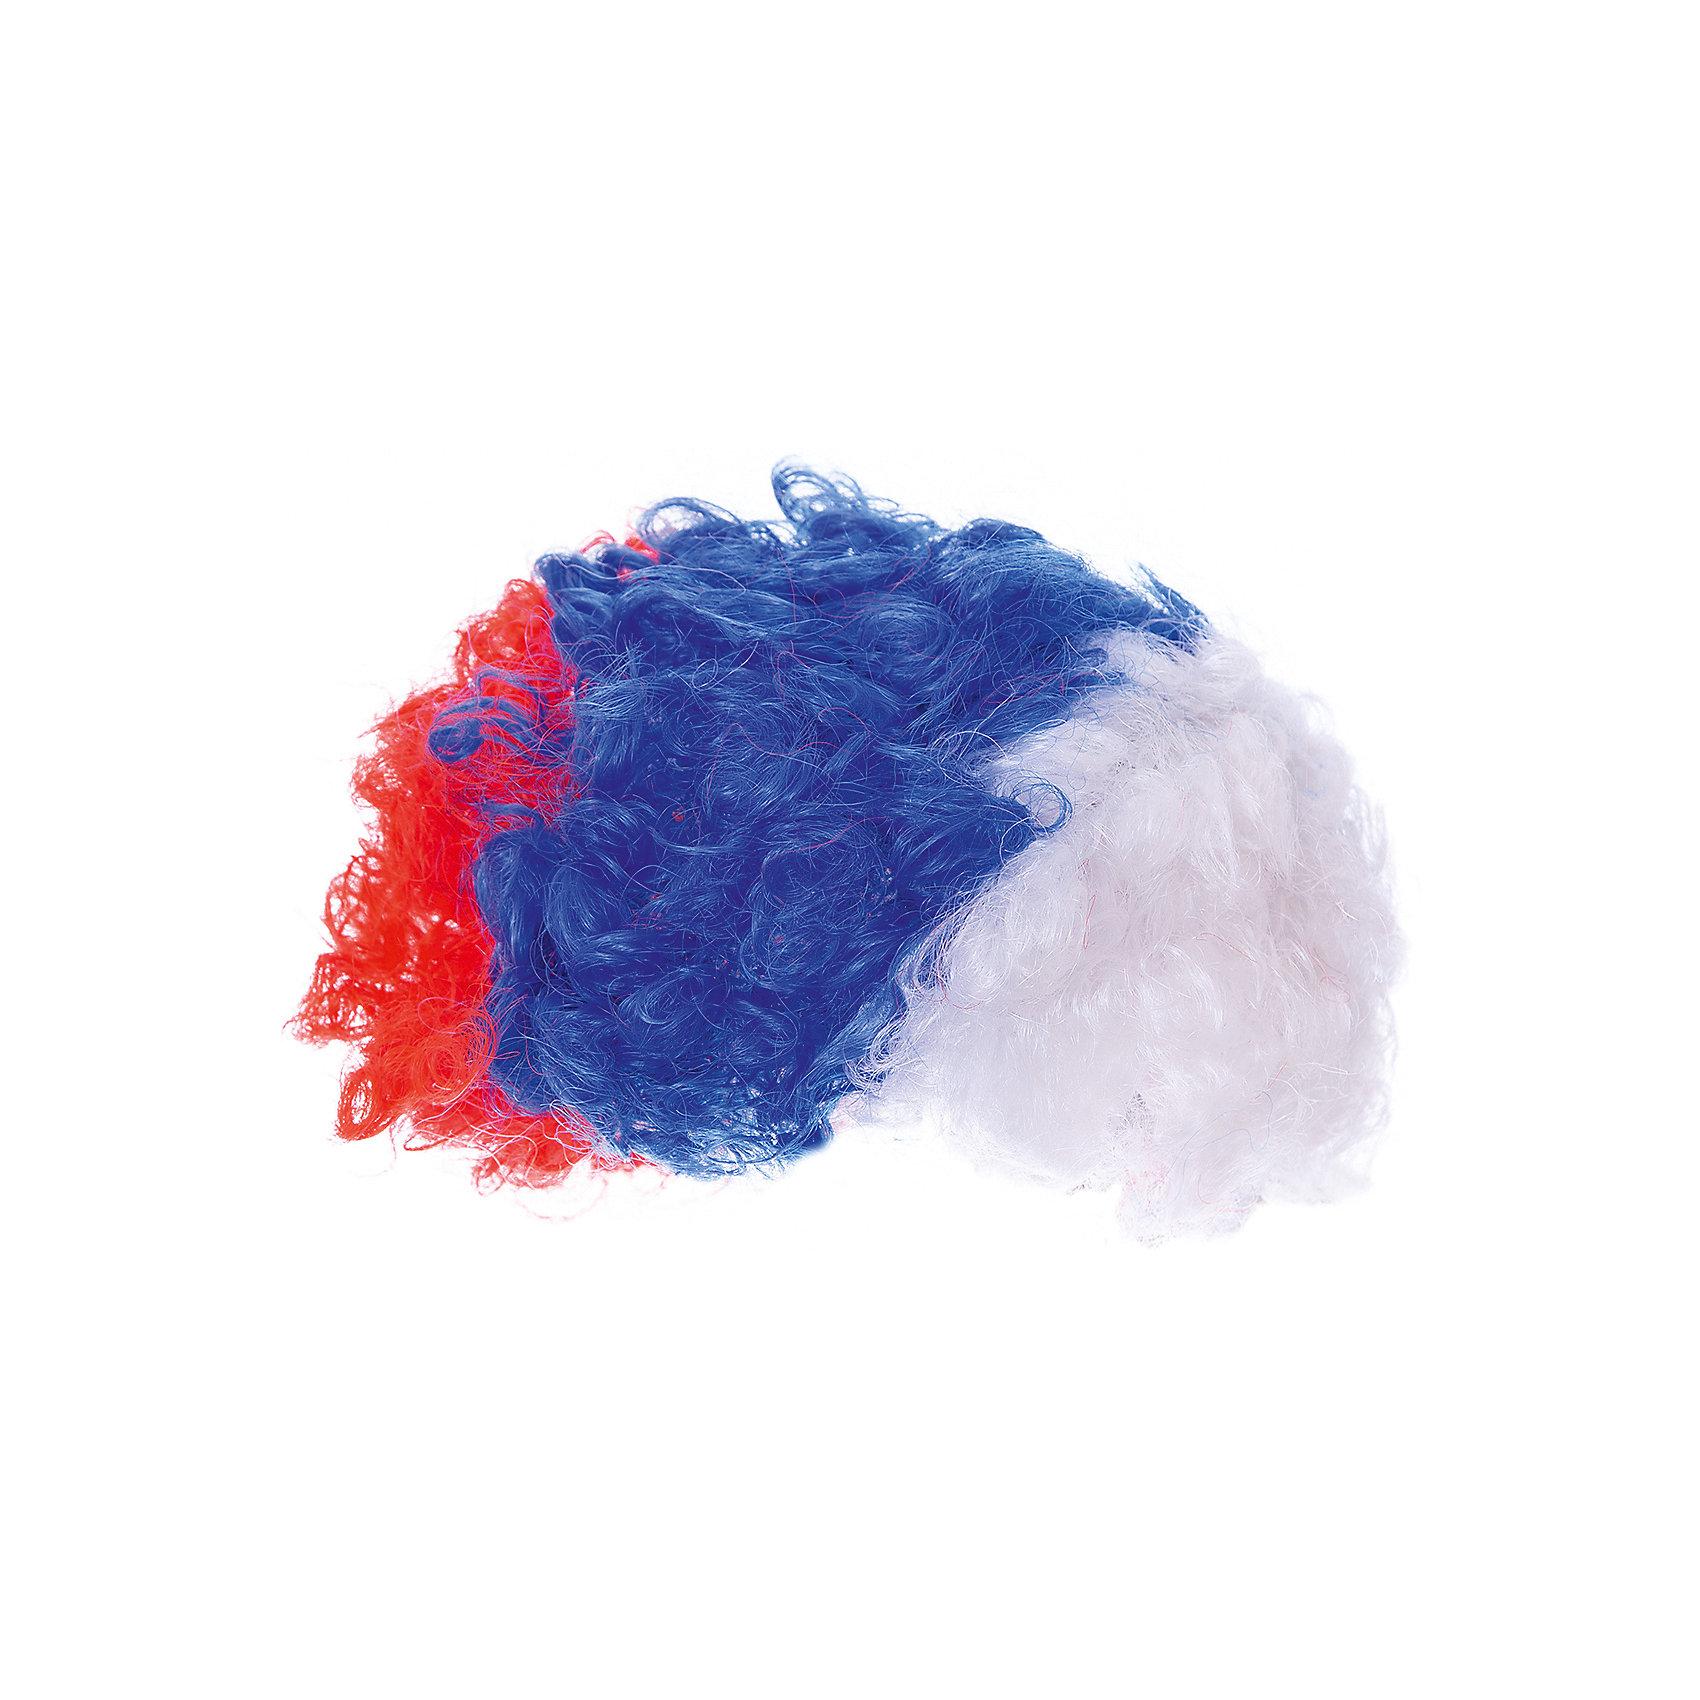 Парик Болельщик, InSummerДля мальчиков<br>Забавный парик Болельщик создан для настоящих фанатов спорта. Круглый парик с завитками имеет расцветку флага России. Подойдет на любой возраст.<br><br>Дополнительная информация:<br>Сделан из полимерных материалов<br>Размер упаковки: 23х17,5х5 см<br>Парик Болельщик можно приобрести в нашем интернет-магазине.<br><br>Ширина мм: 230<br>Глубина мм: 175<br>Высота мм: 50<br>Вес г: 330<br>Возраст от месяцев: 36<br>Возраст до месяцев: 120<br>Пол: Унисекс<br>Возраст: Детский<br>SKU: 4624465